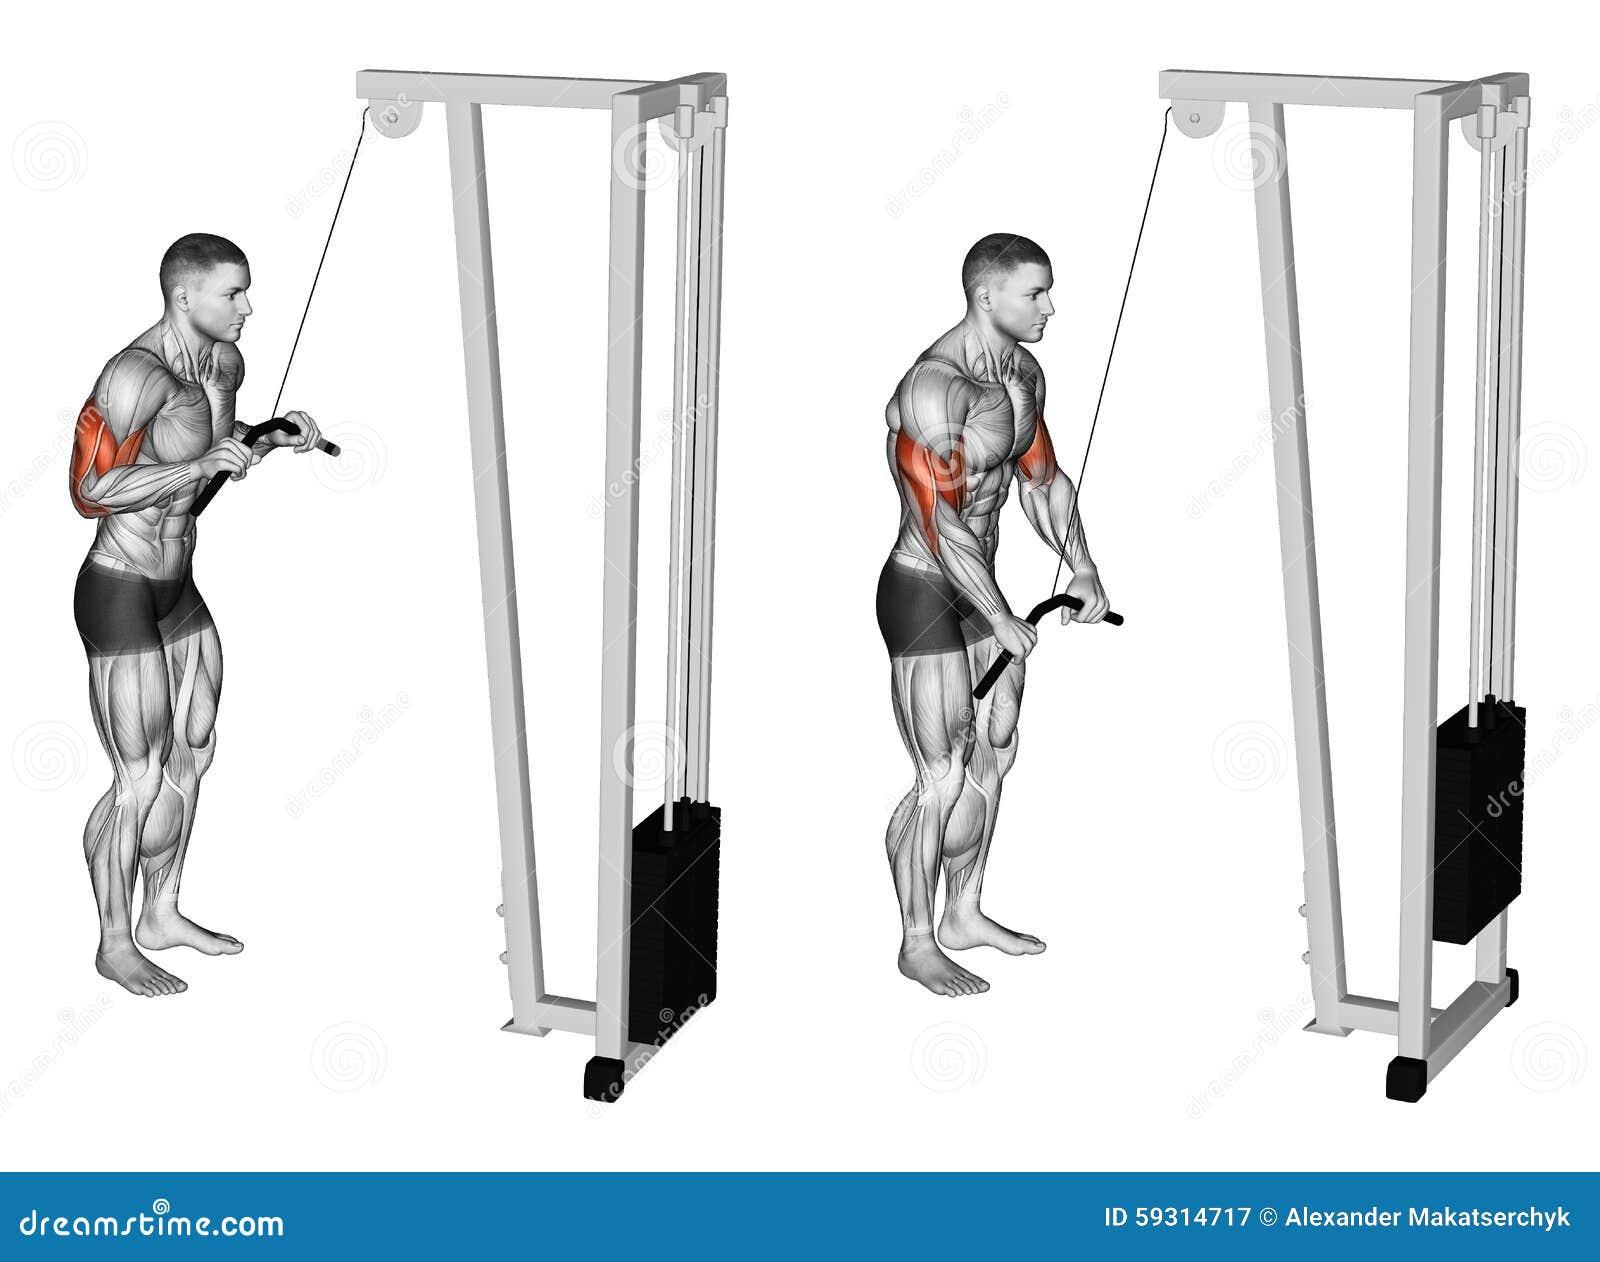 S exercer L extension des mains dans un simulateur de bloc muscles le biceps et le triceps